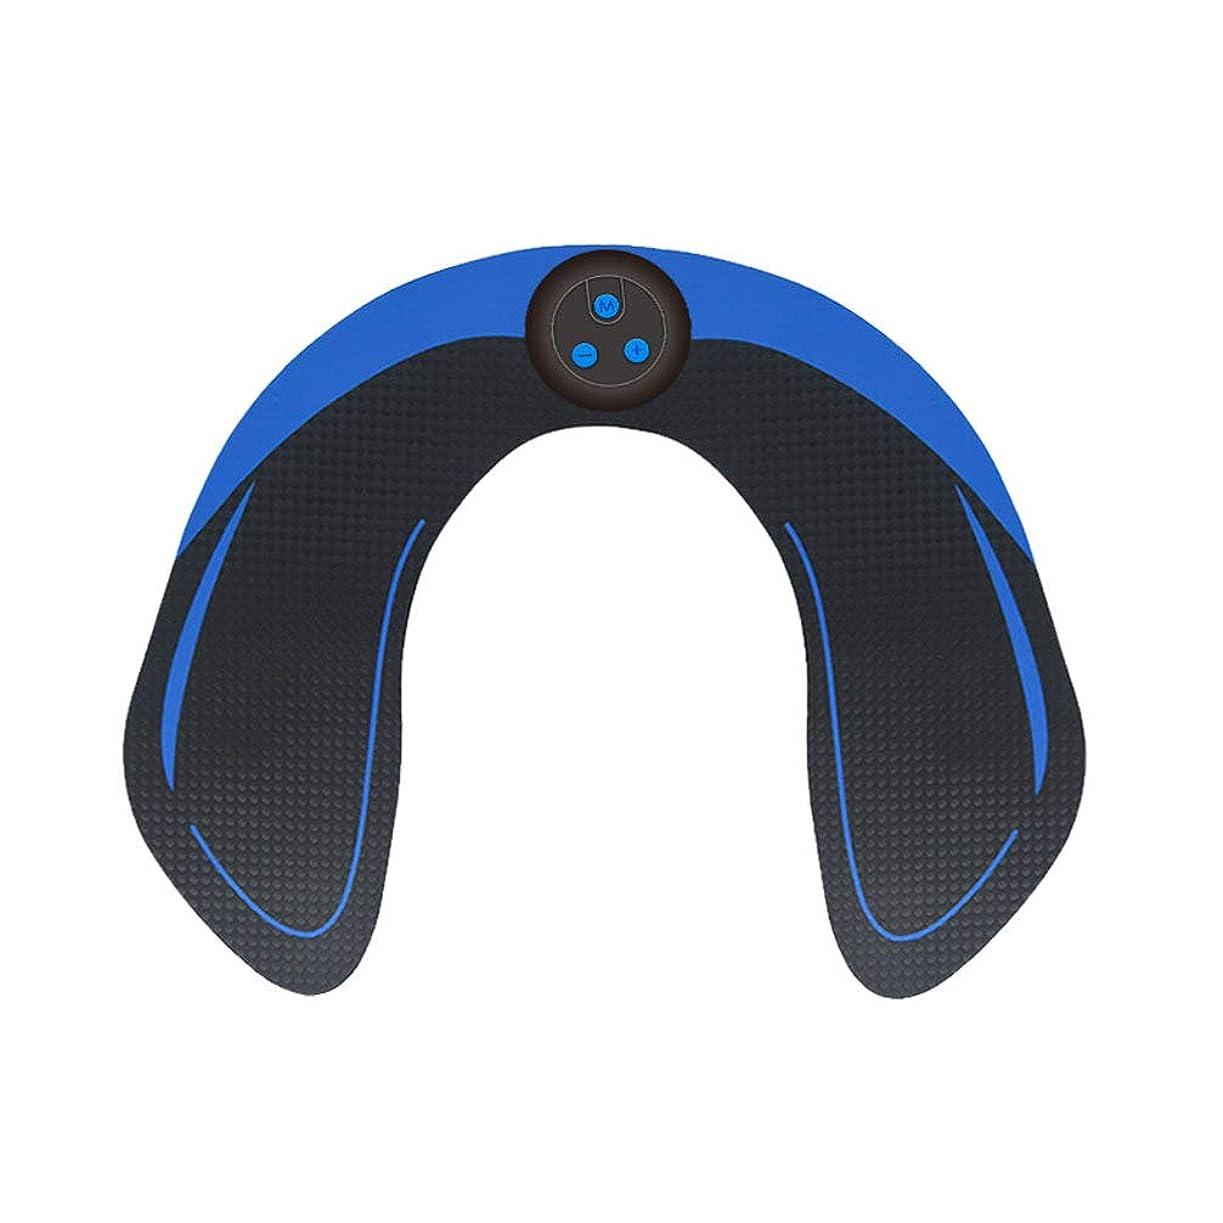 後ろ、背後、背面(部かかわらず呼吸するSUPVOX 刺激装置部トナーems電気ヒップトレーナーabsトレーナーフィットネストレーニングギアボディシェーピングマシンusb充電